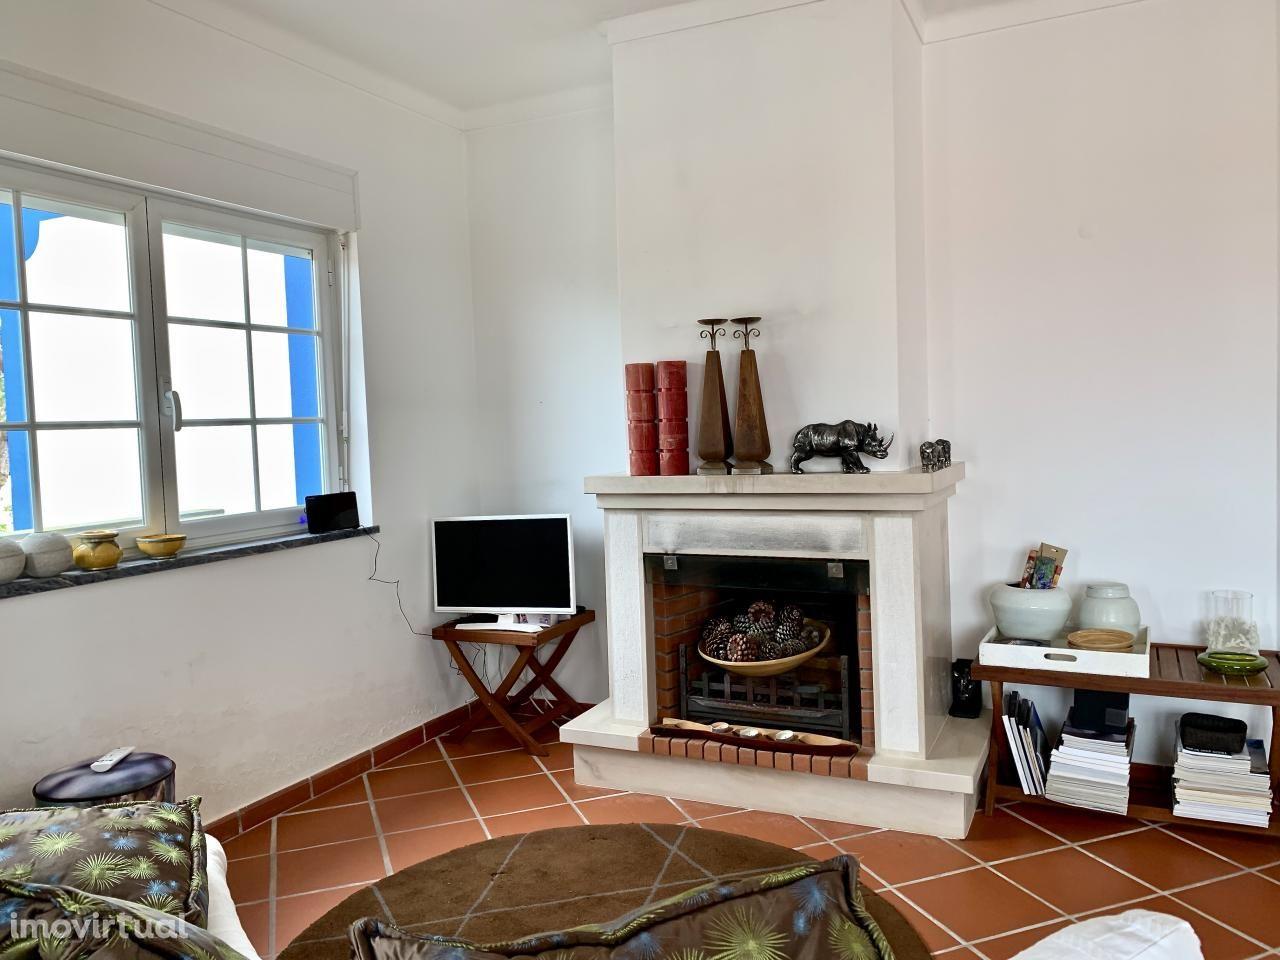 Apartamento para comprar, Amoreira, Óbidos, Leiria - Foto 3